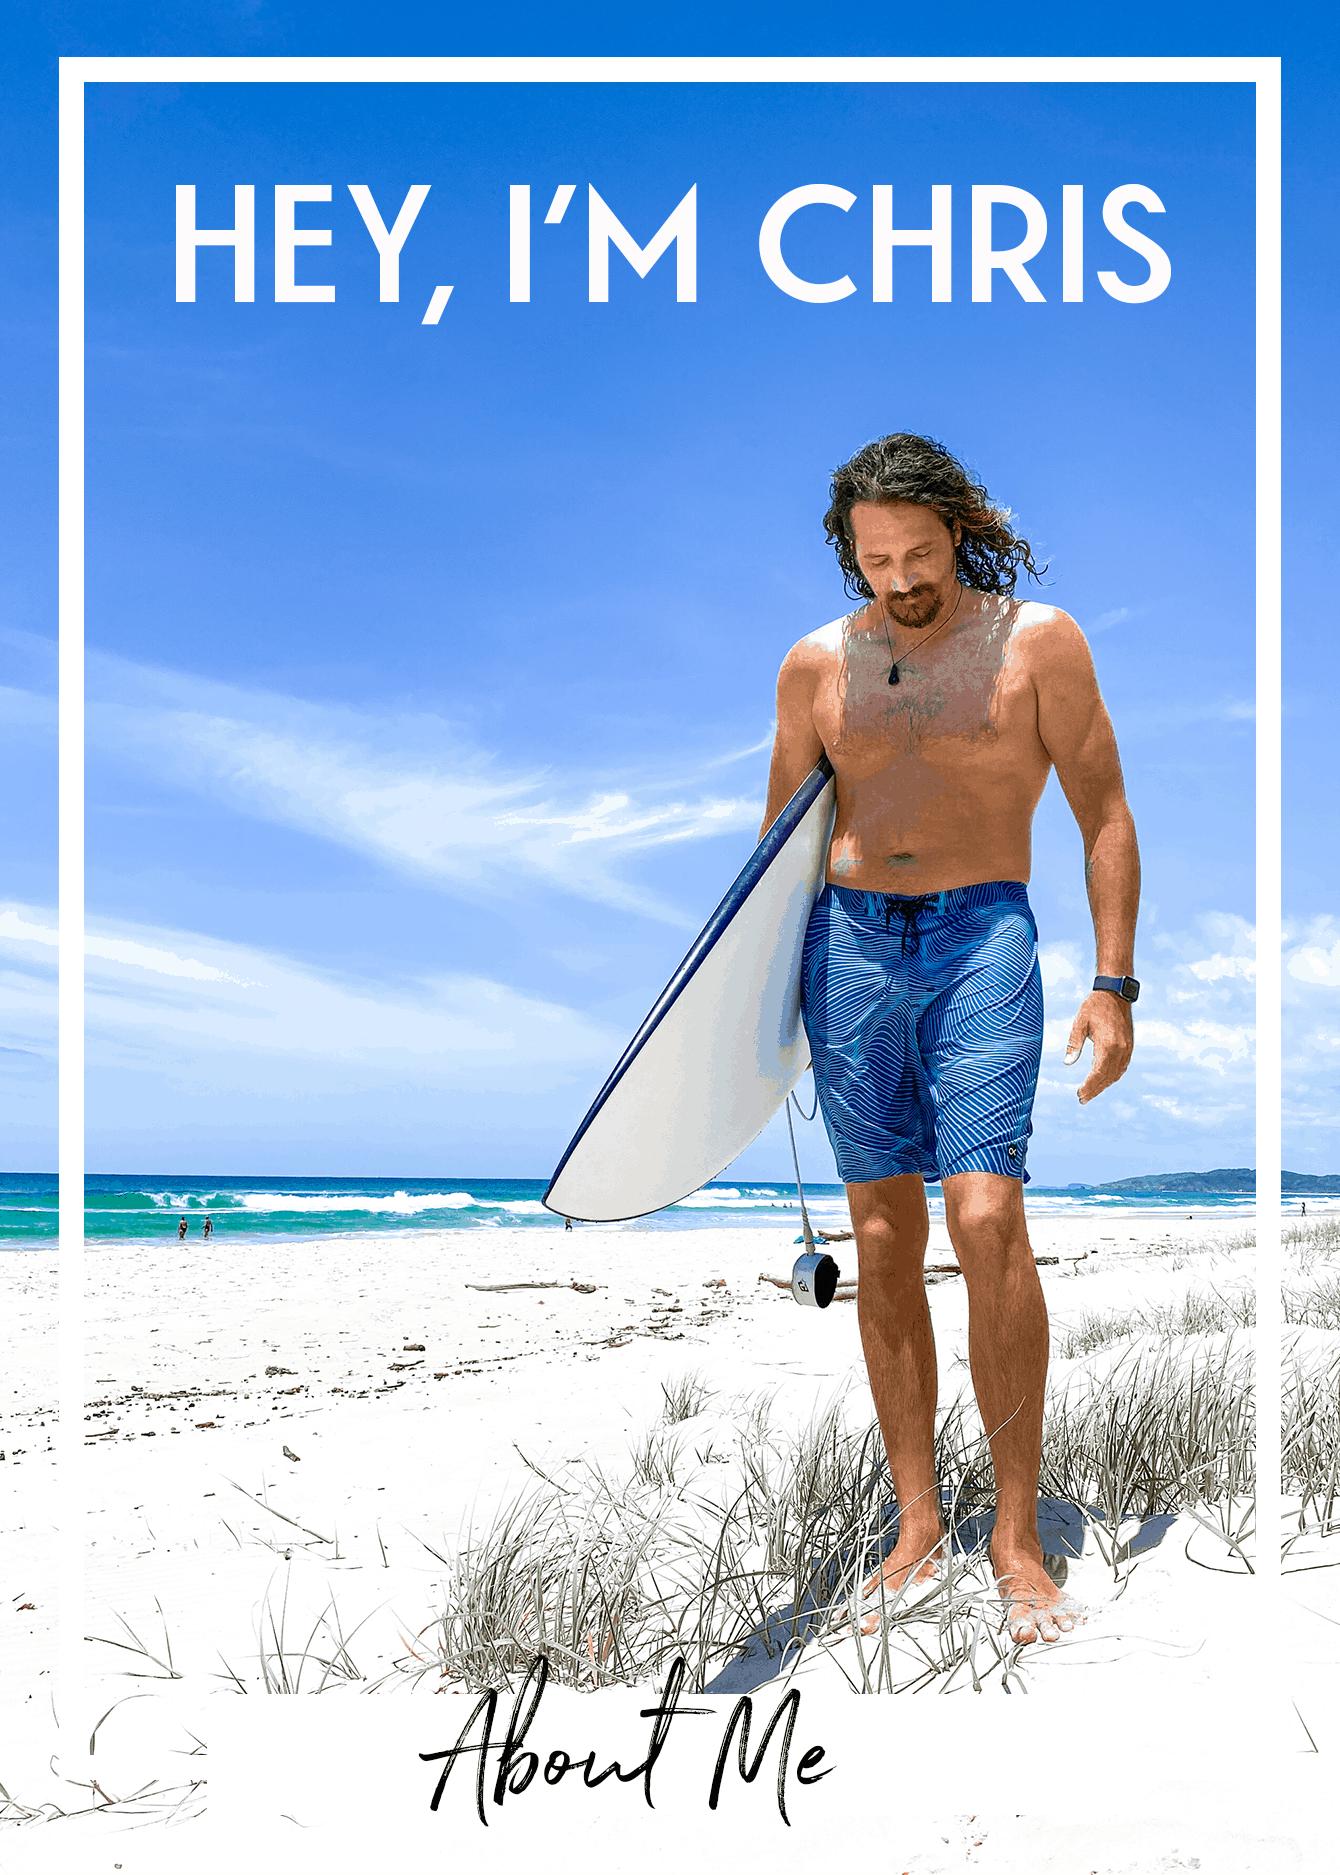 chris stevens stoked for travel blogger surf